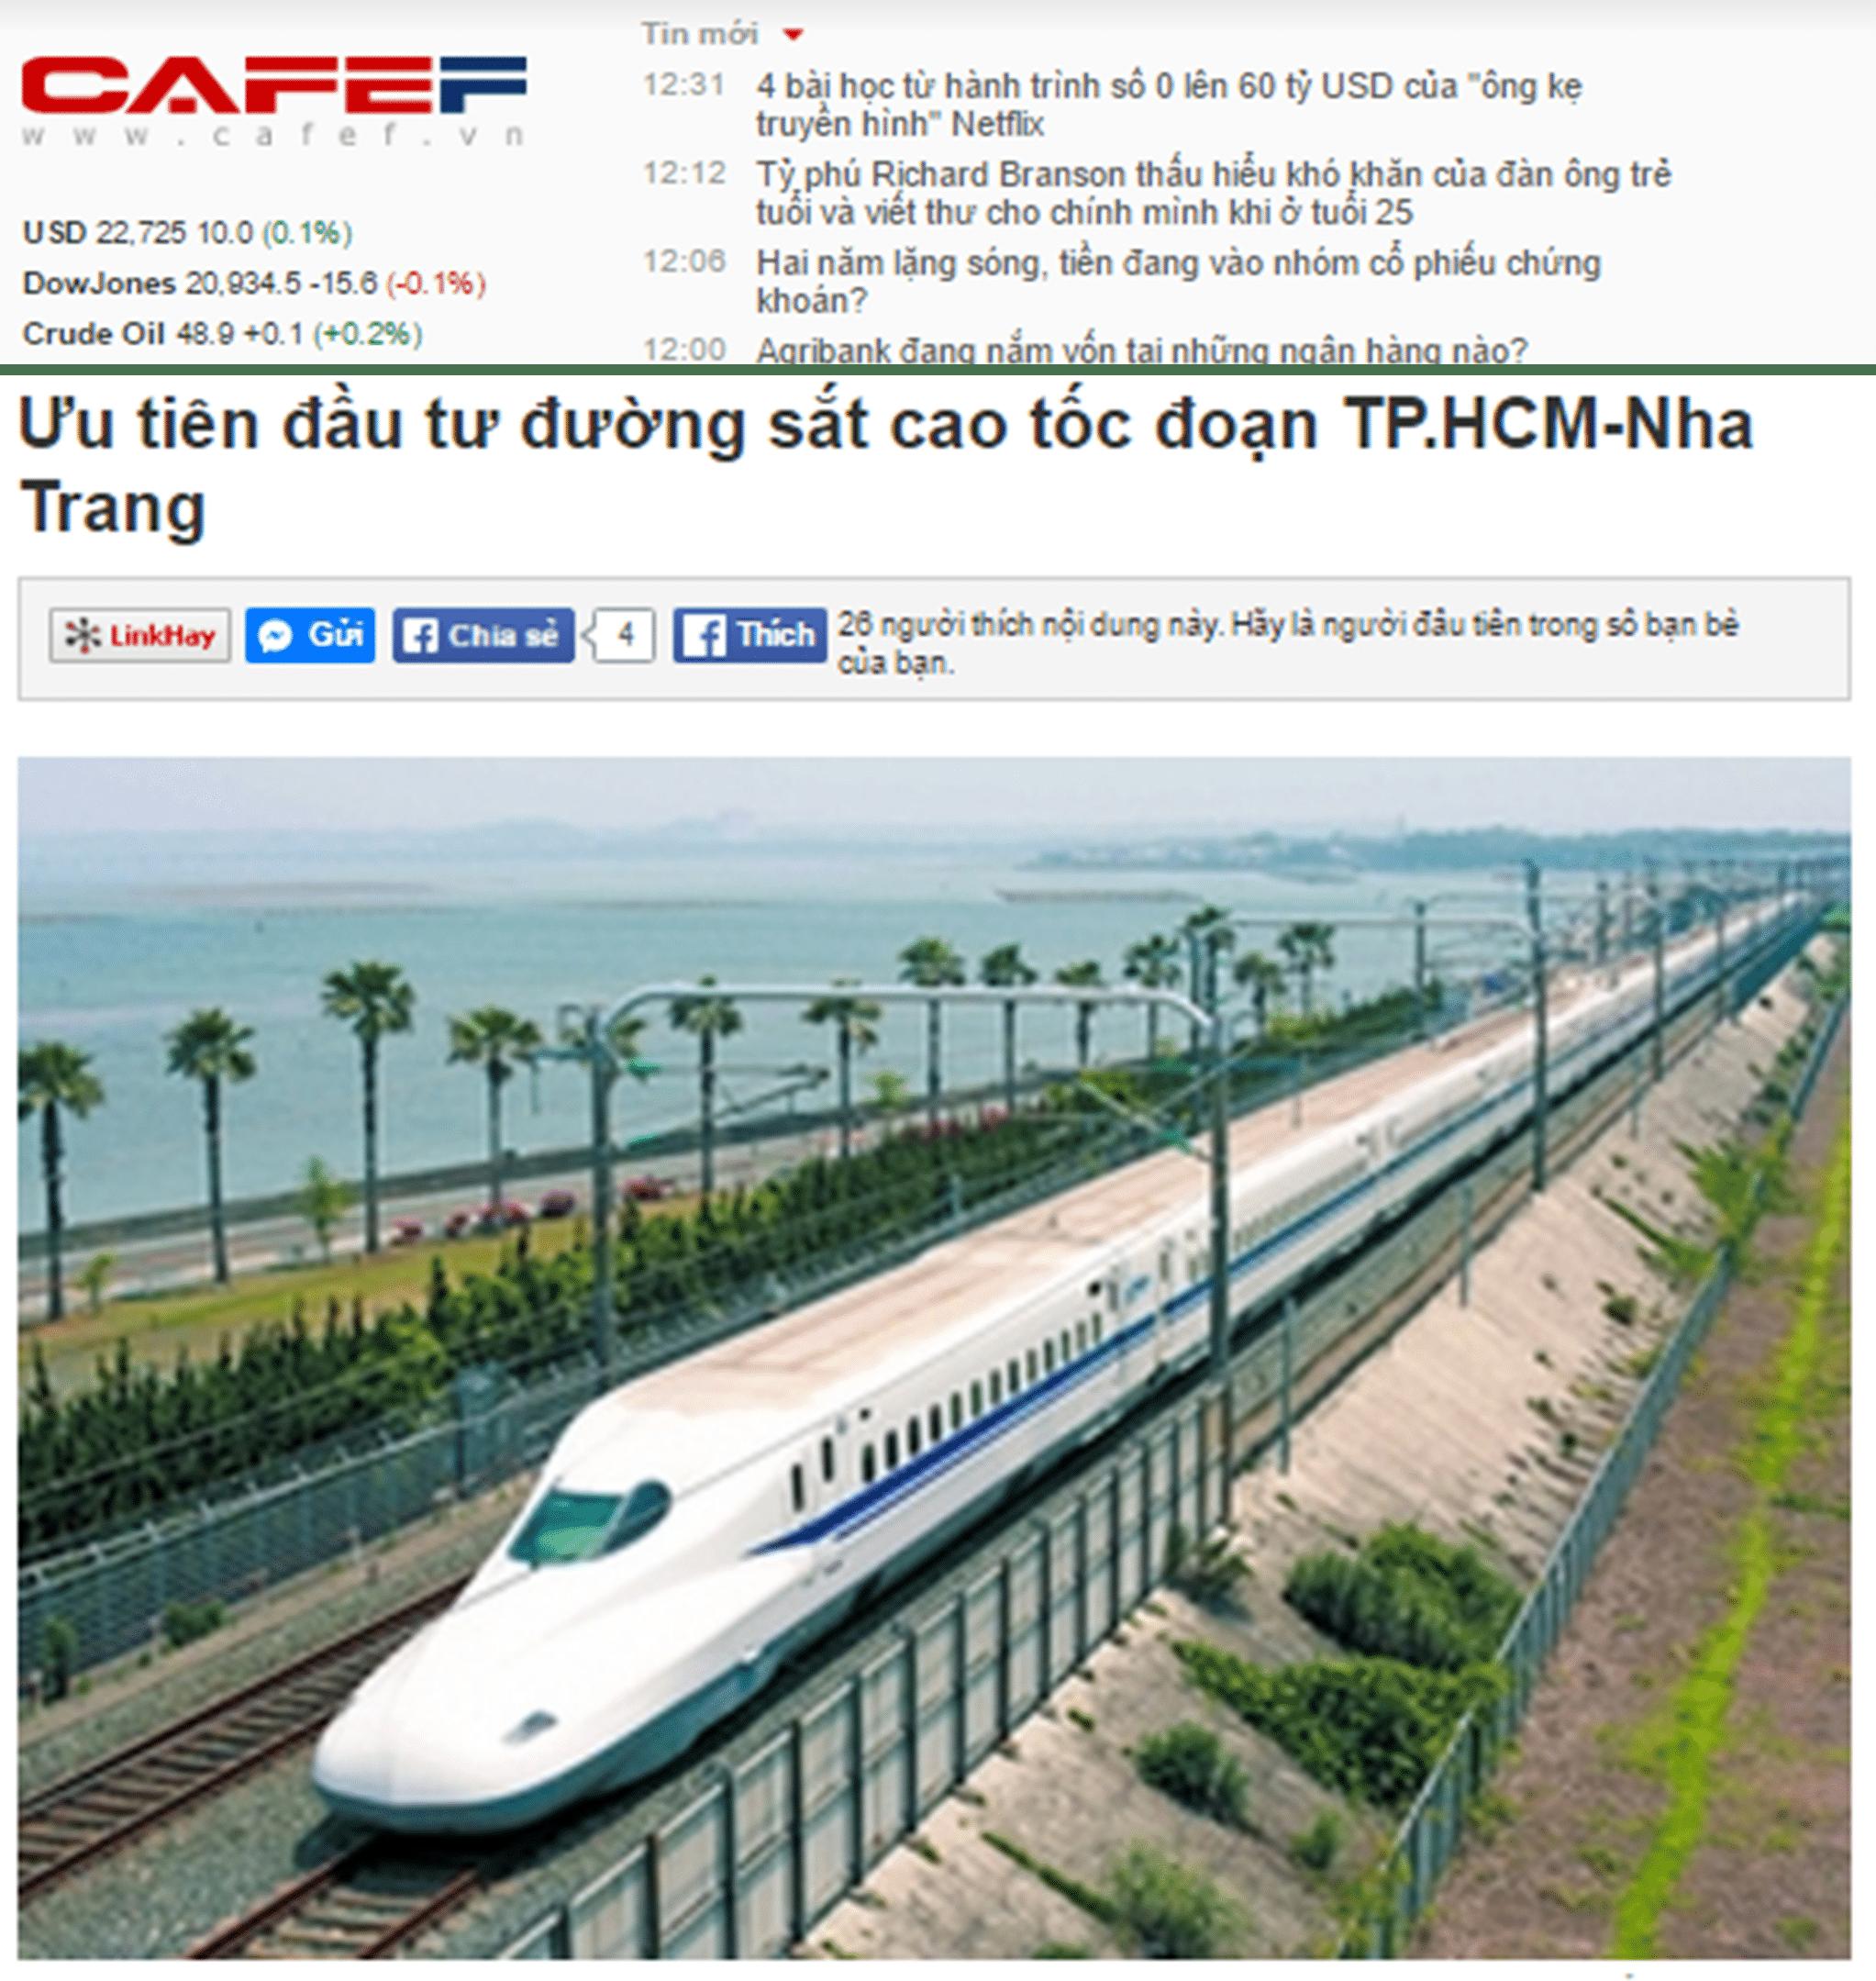 Sẽ có tuyến đường cao tốc kết nối từ Nha Trang đến Sài Gòn trong tương lai